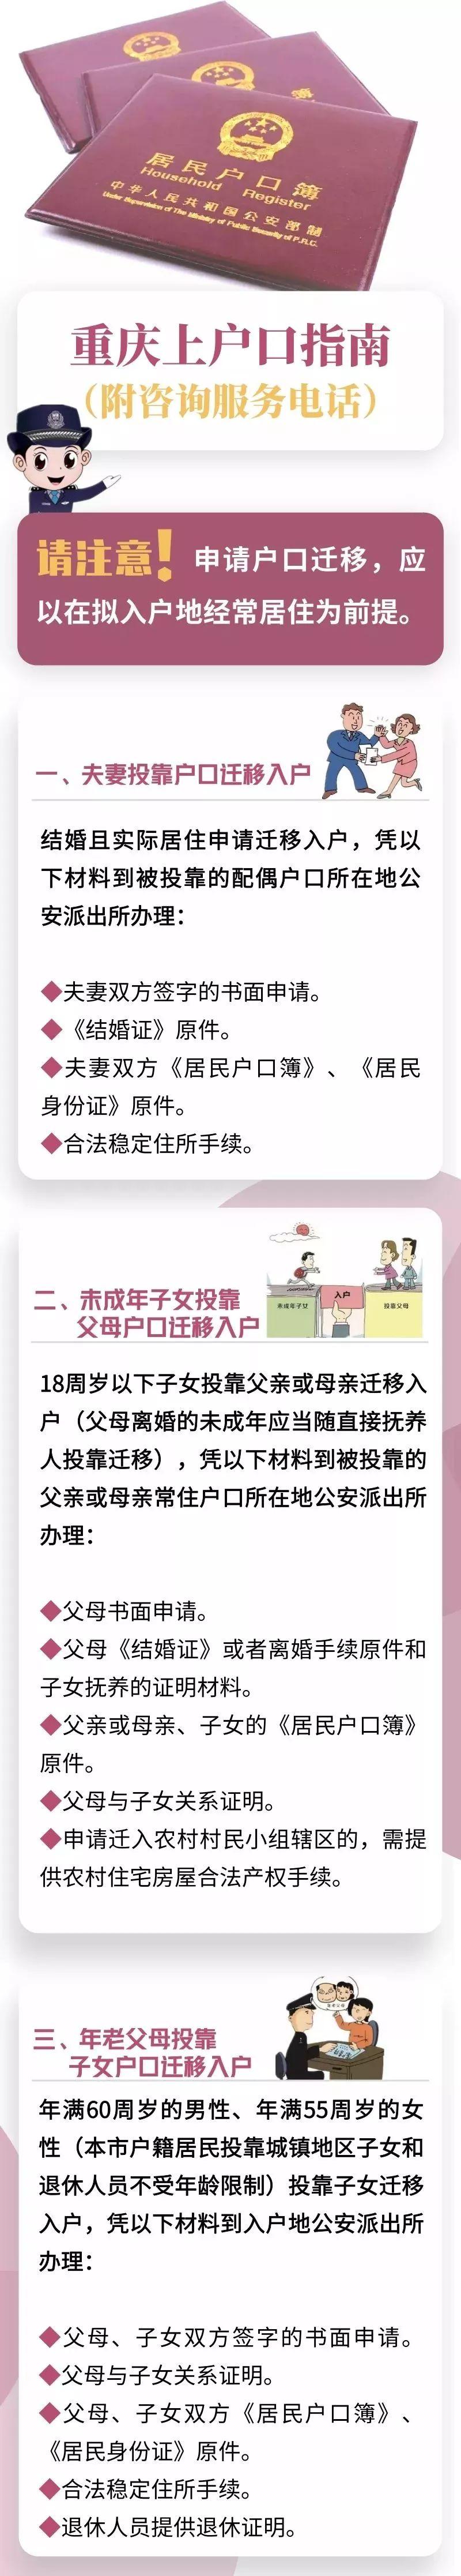 2019重庆人才落户新政策